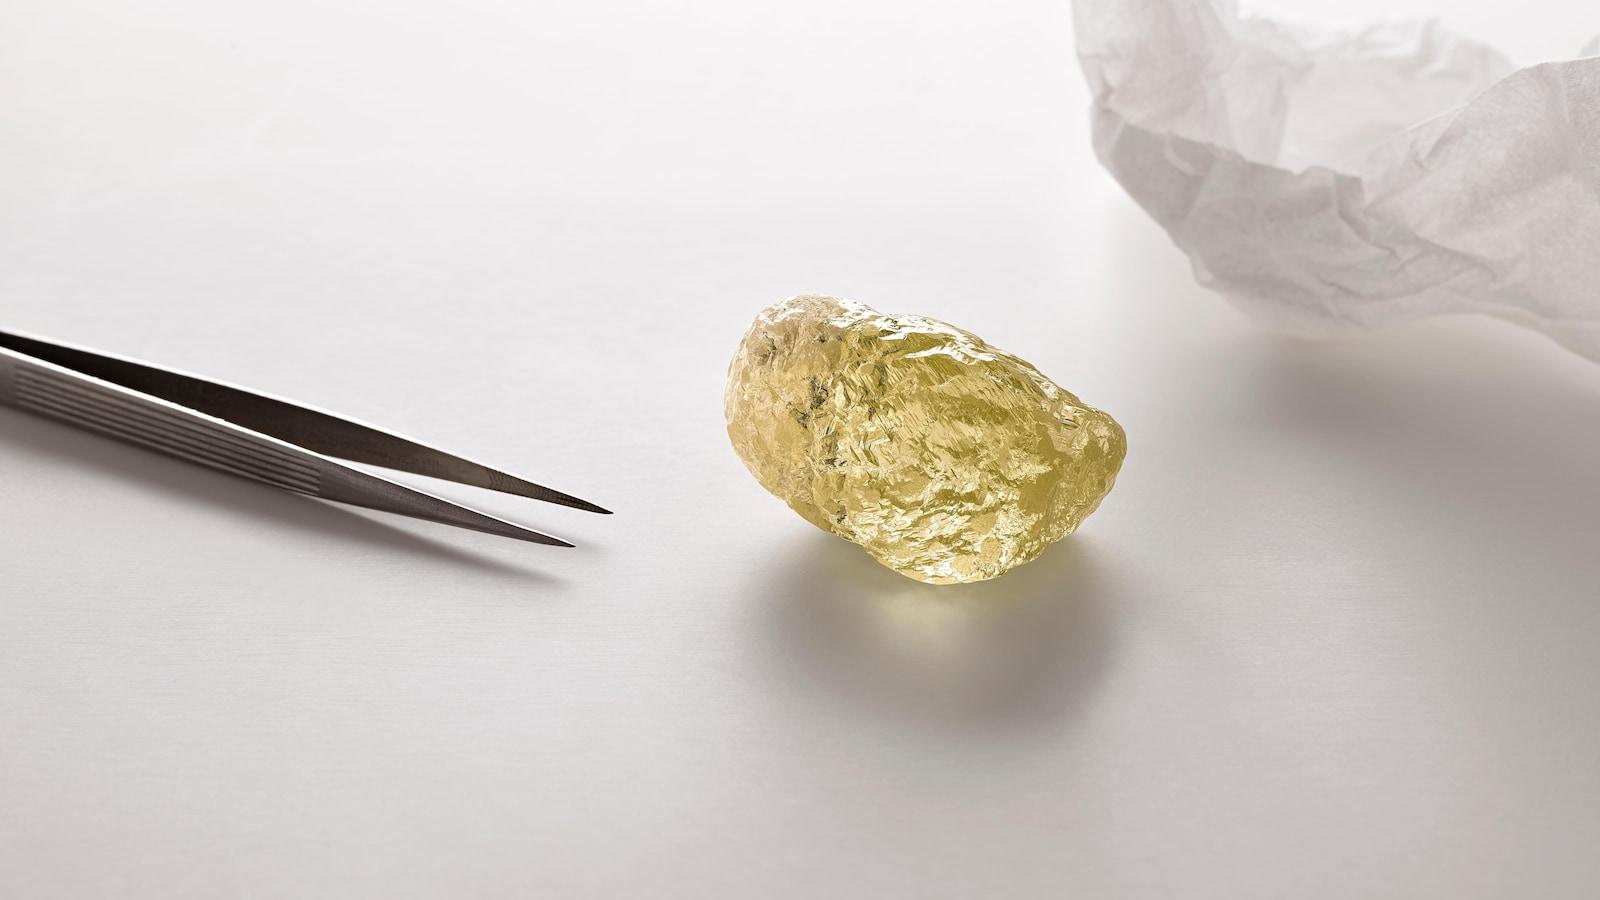 Un diamant jaune de forme inégale et à la surface plissée.